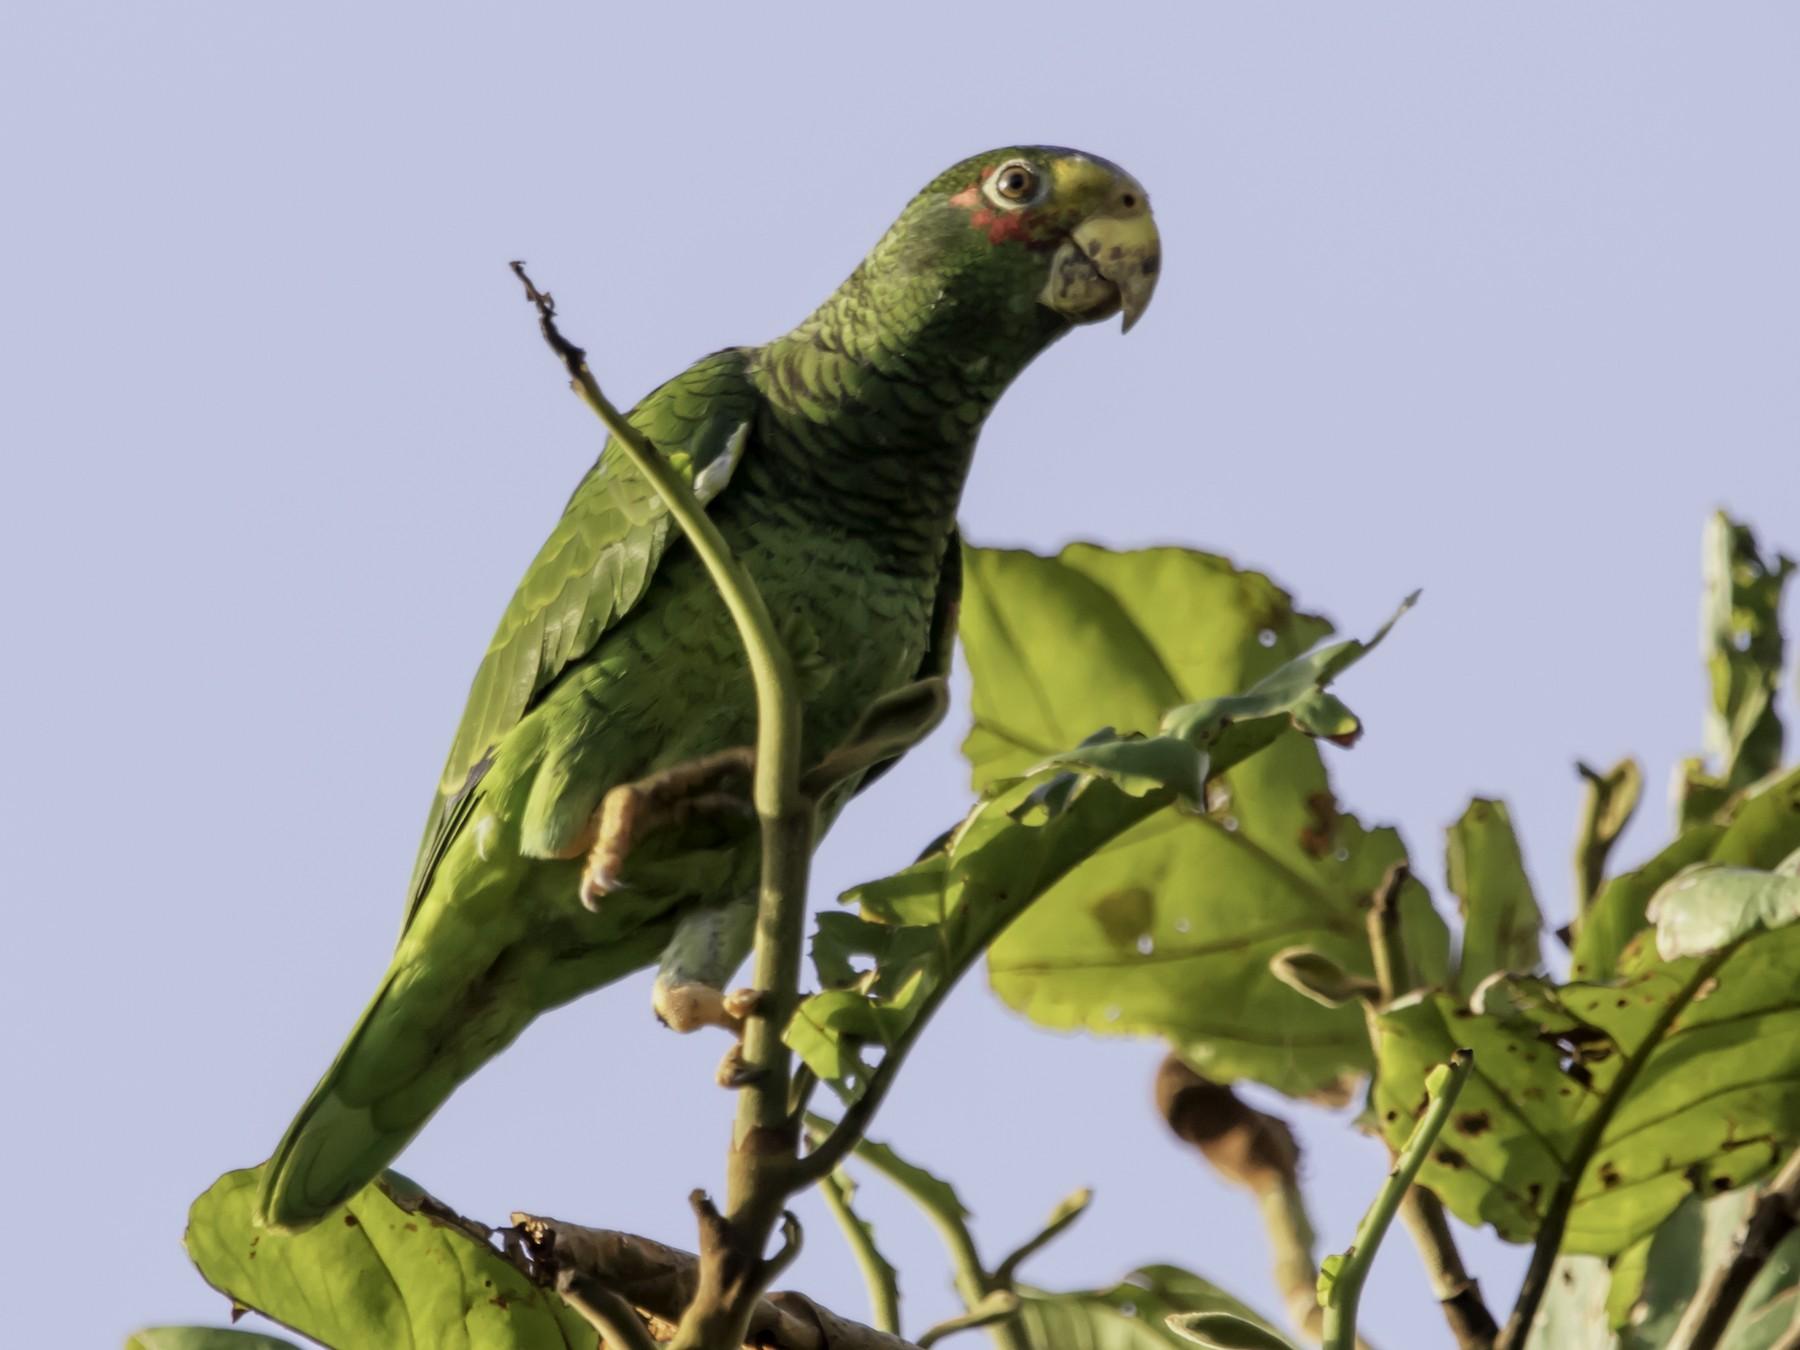 Yellow-lored Parrot - Jorge Eduardo  Ruano